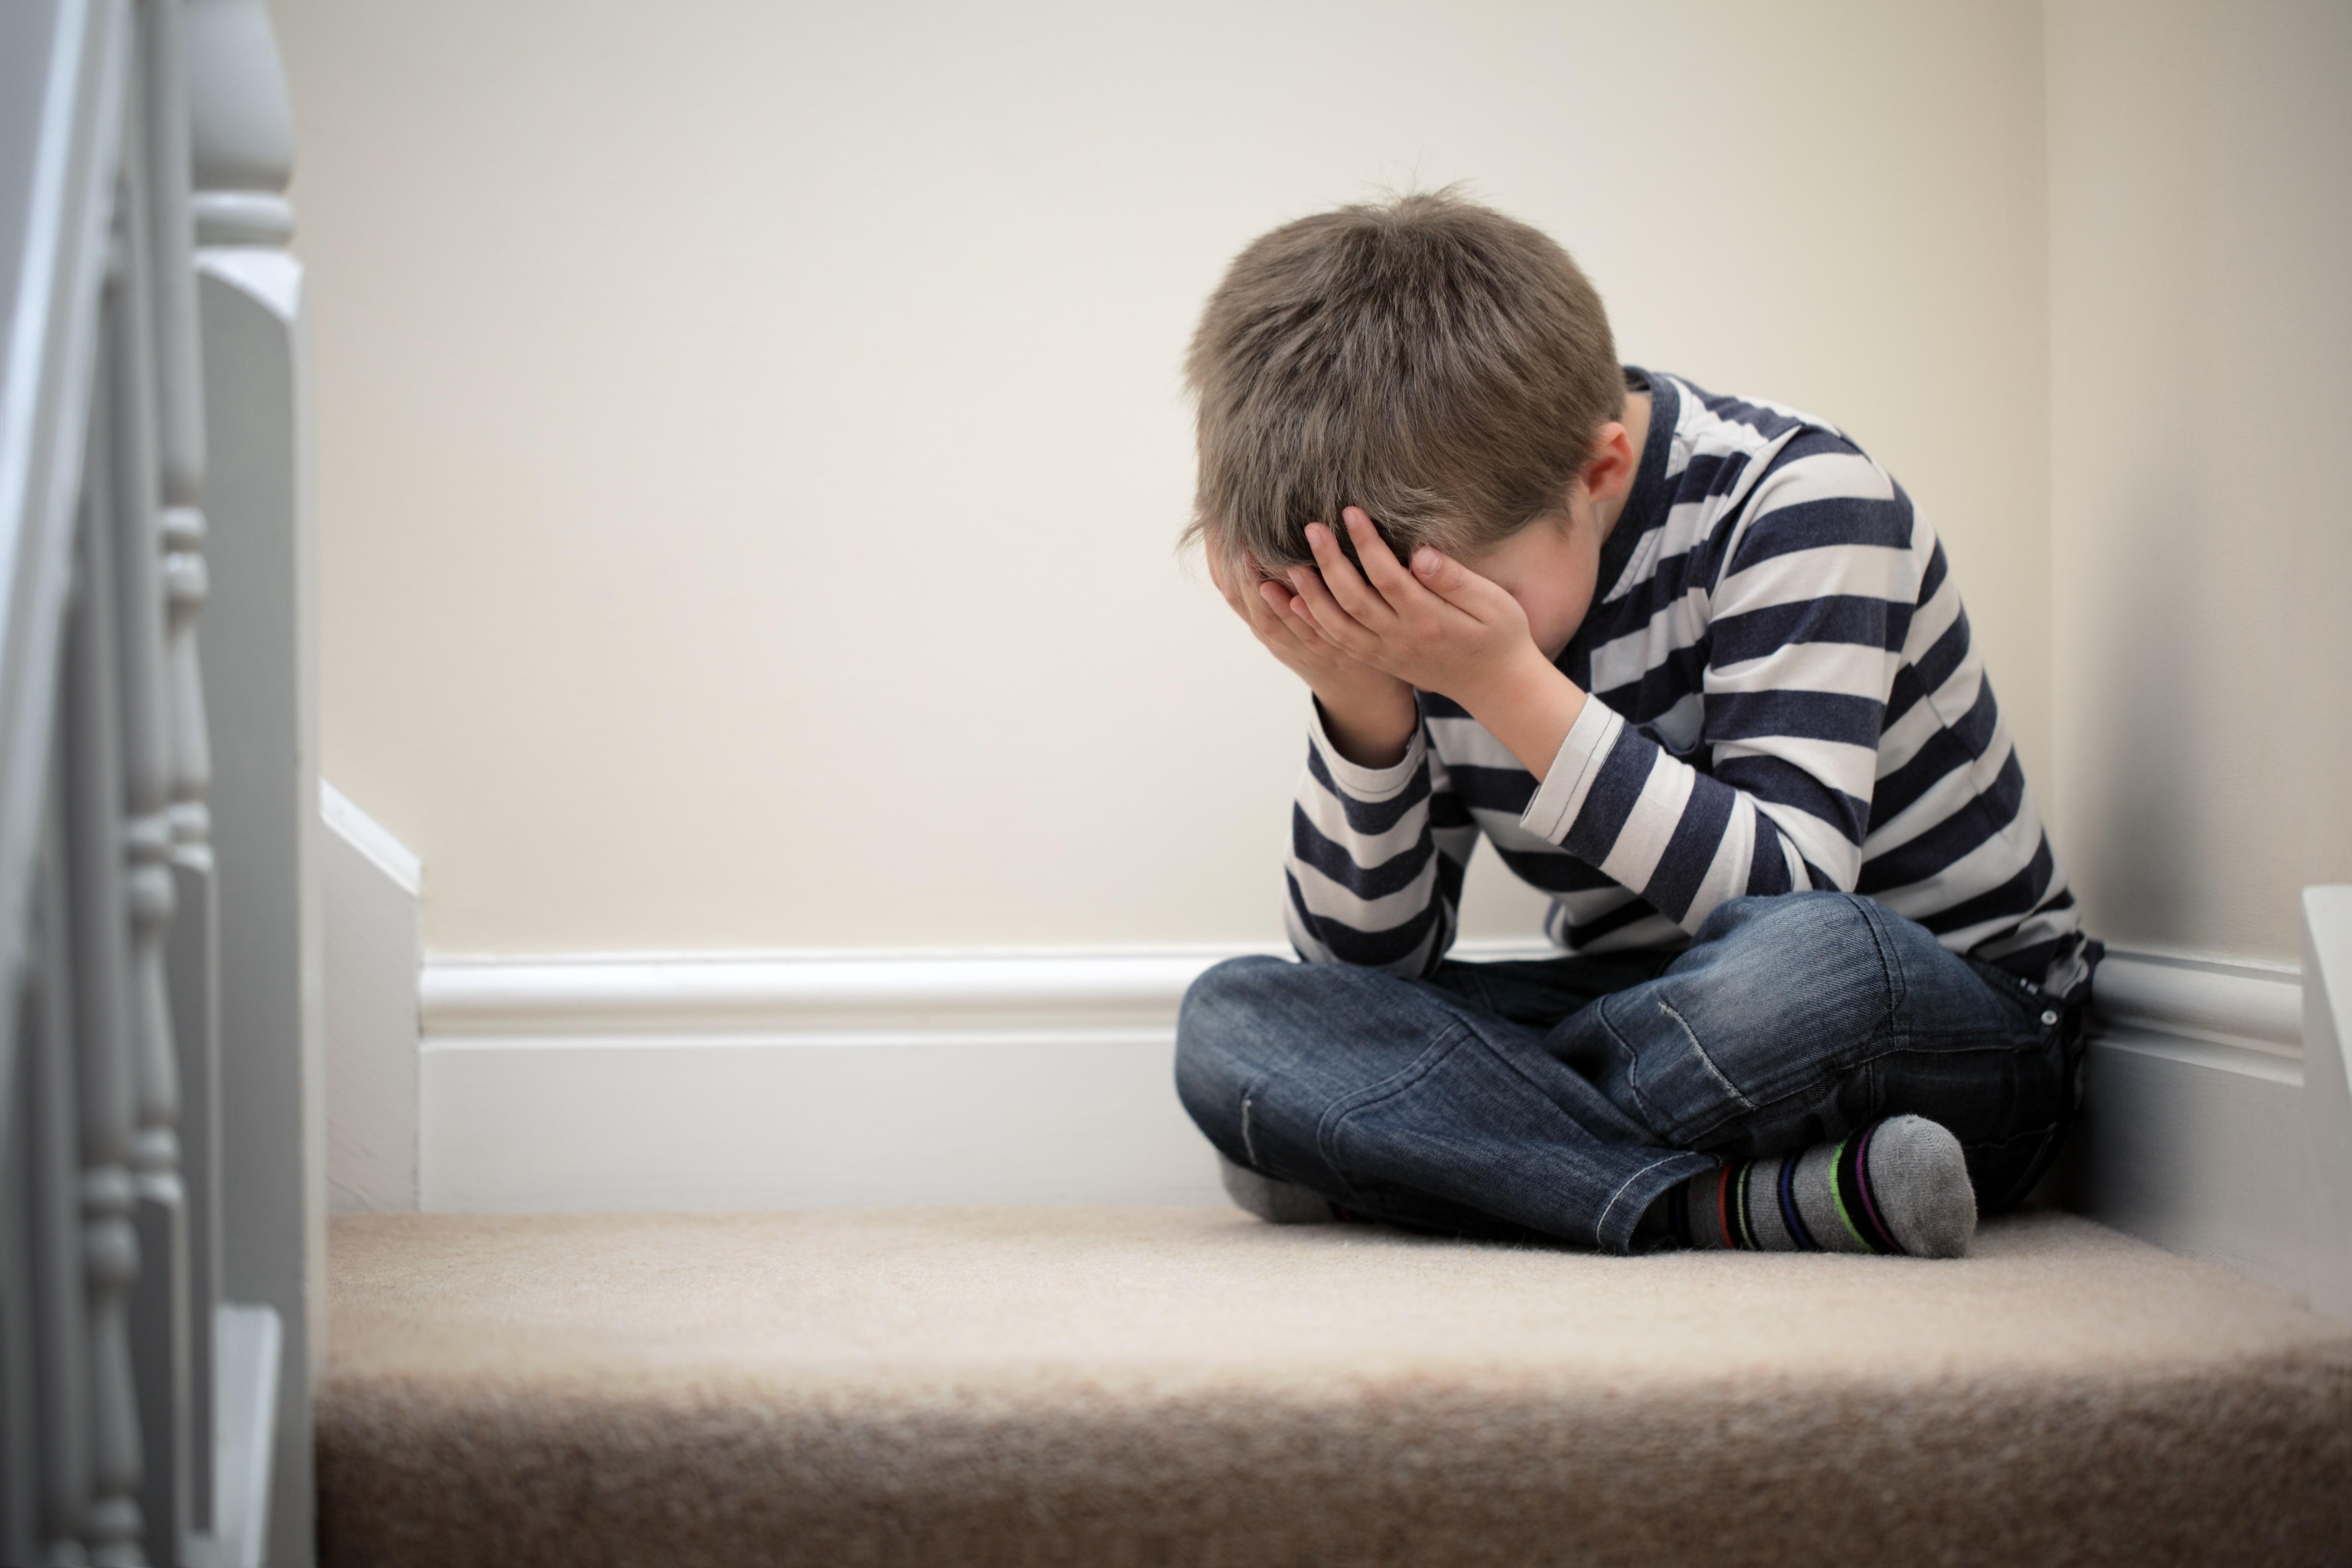 childrens-alcohol-disorder-min.jpg